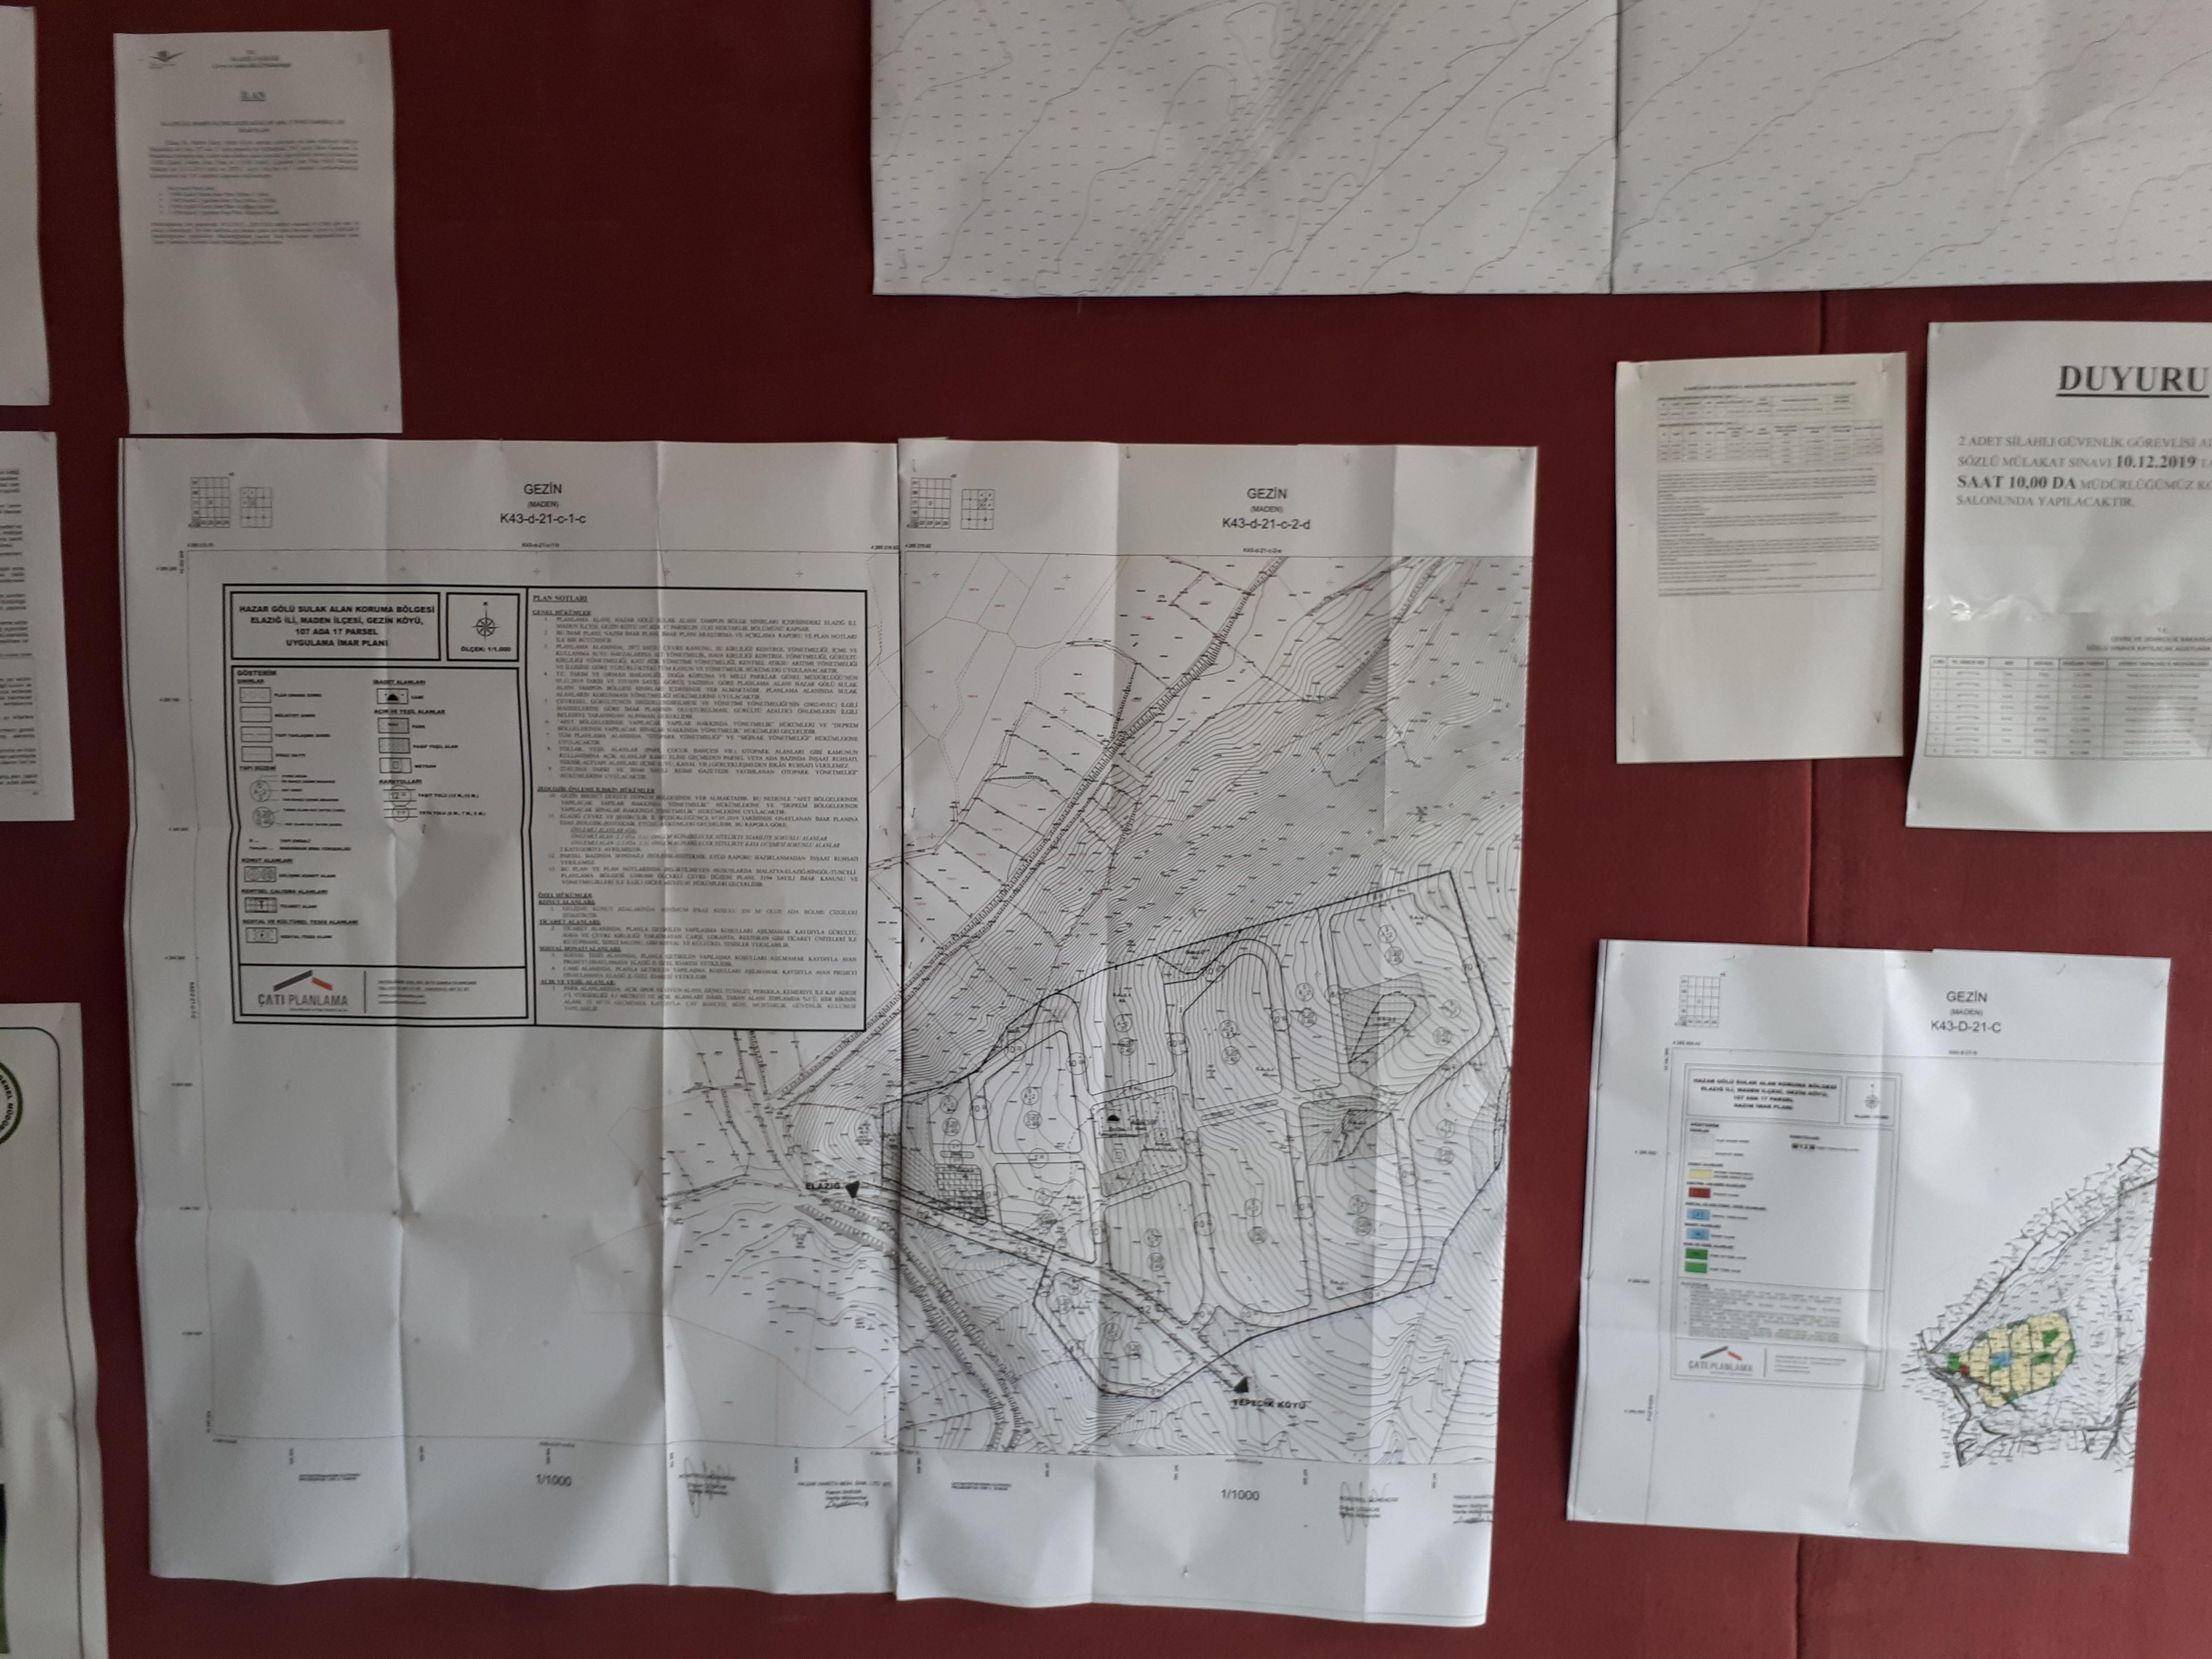 Elazığ İli, Maden İlçesi, Gezin Köyü 107 Ada, 17 Nolu Parsele Ait İmar Planı